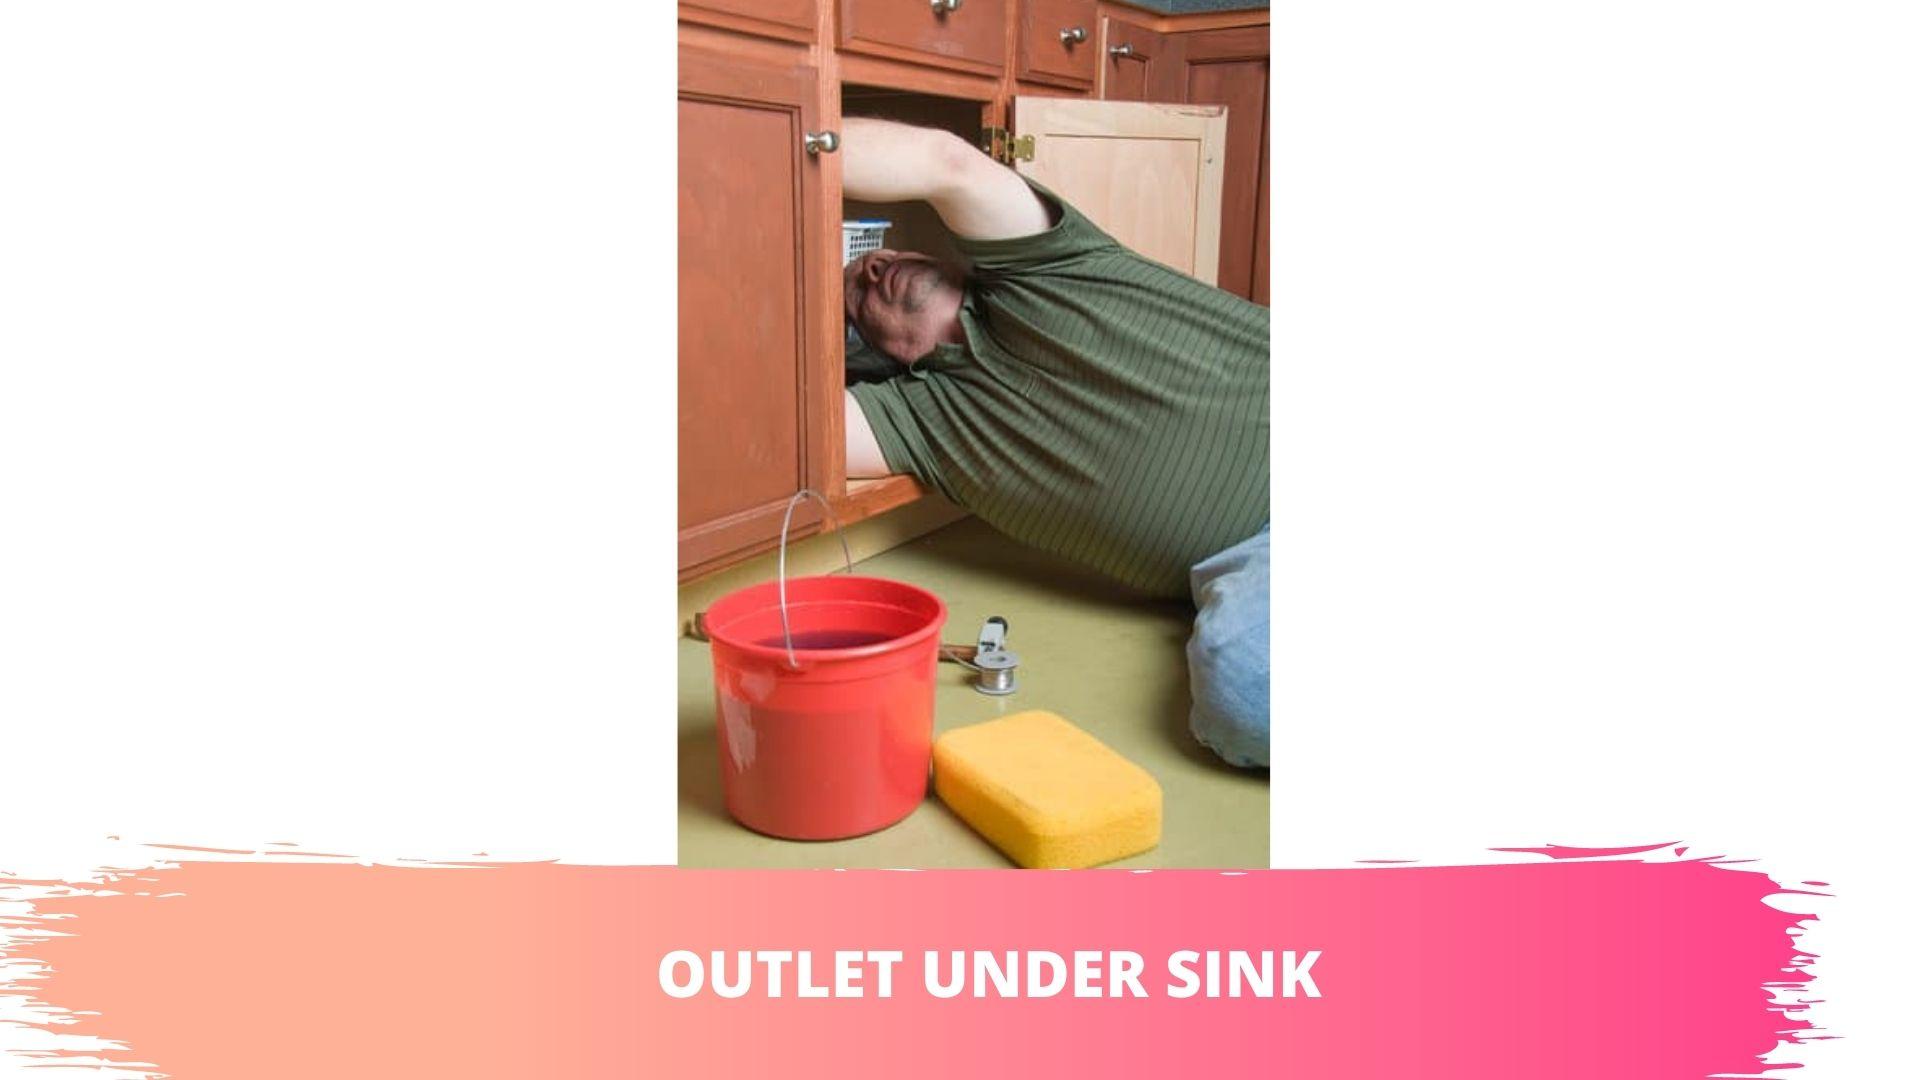 outlet under sink for dishwasher